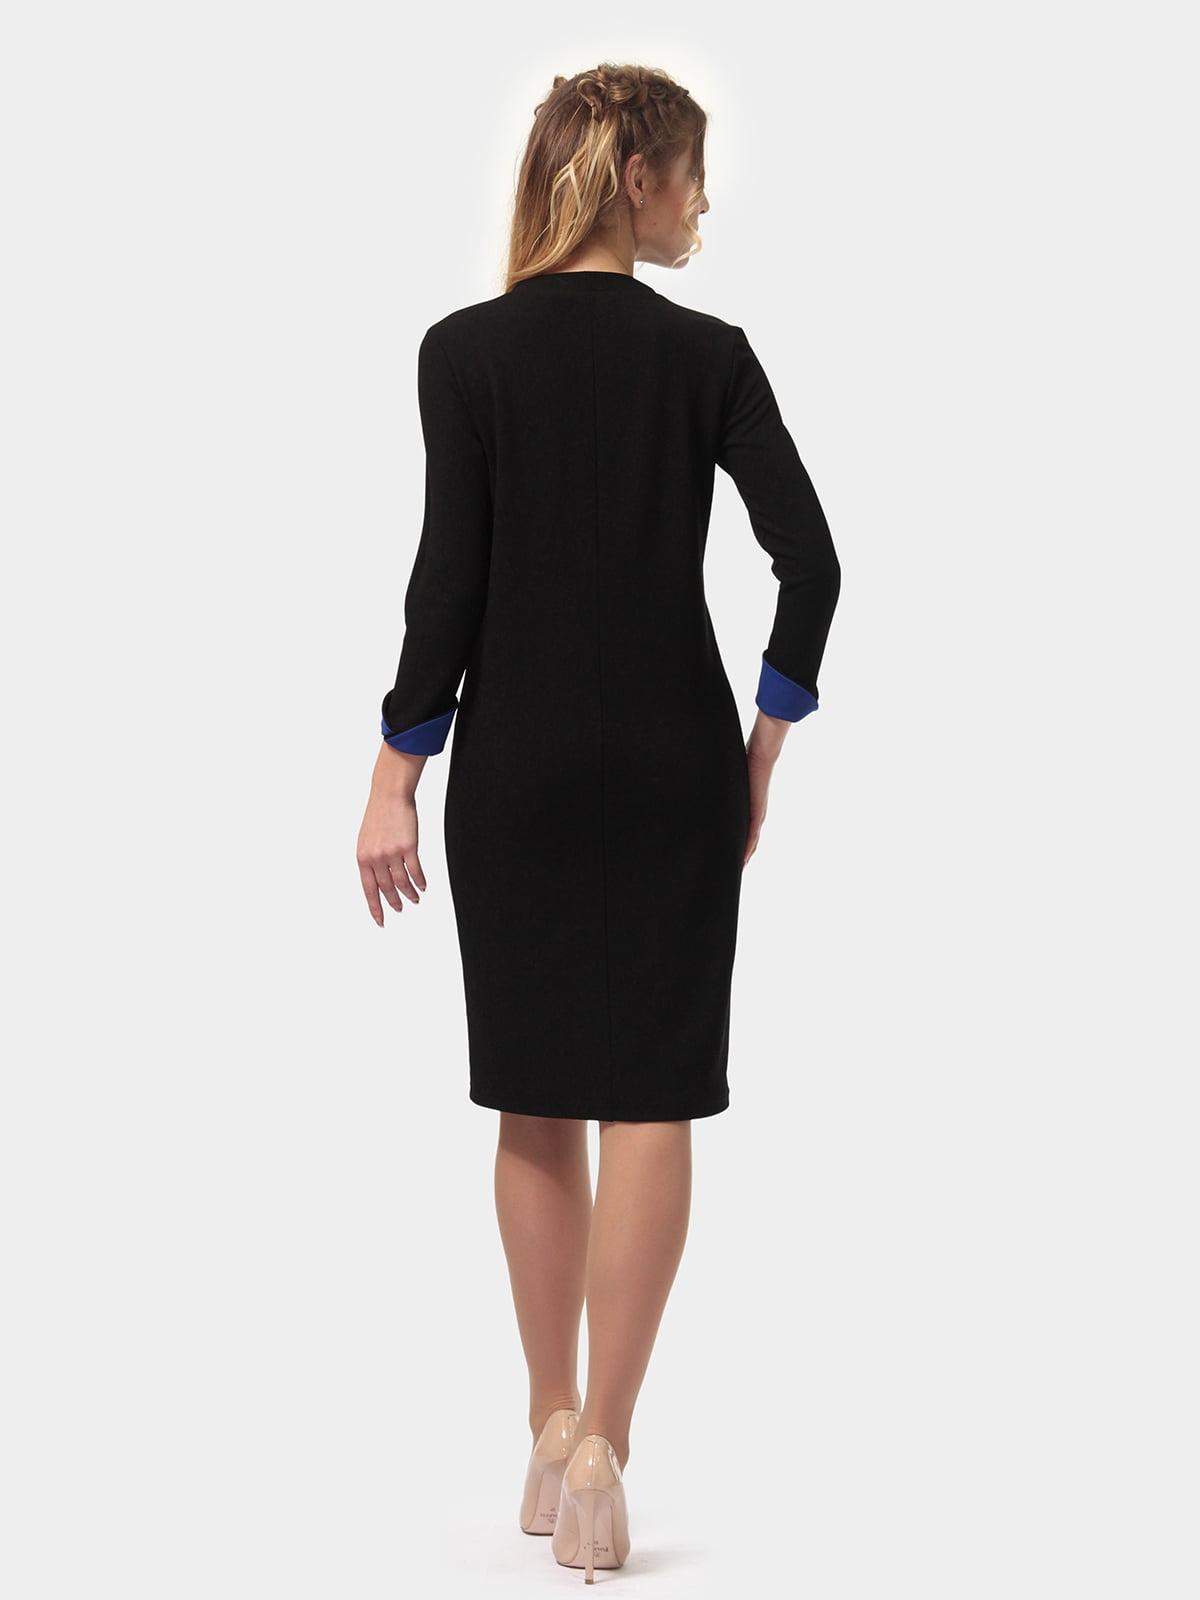 Платье двухцветное   4775685   фото 5